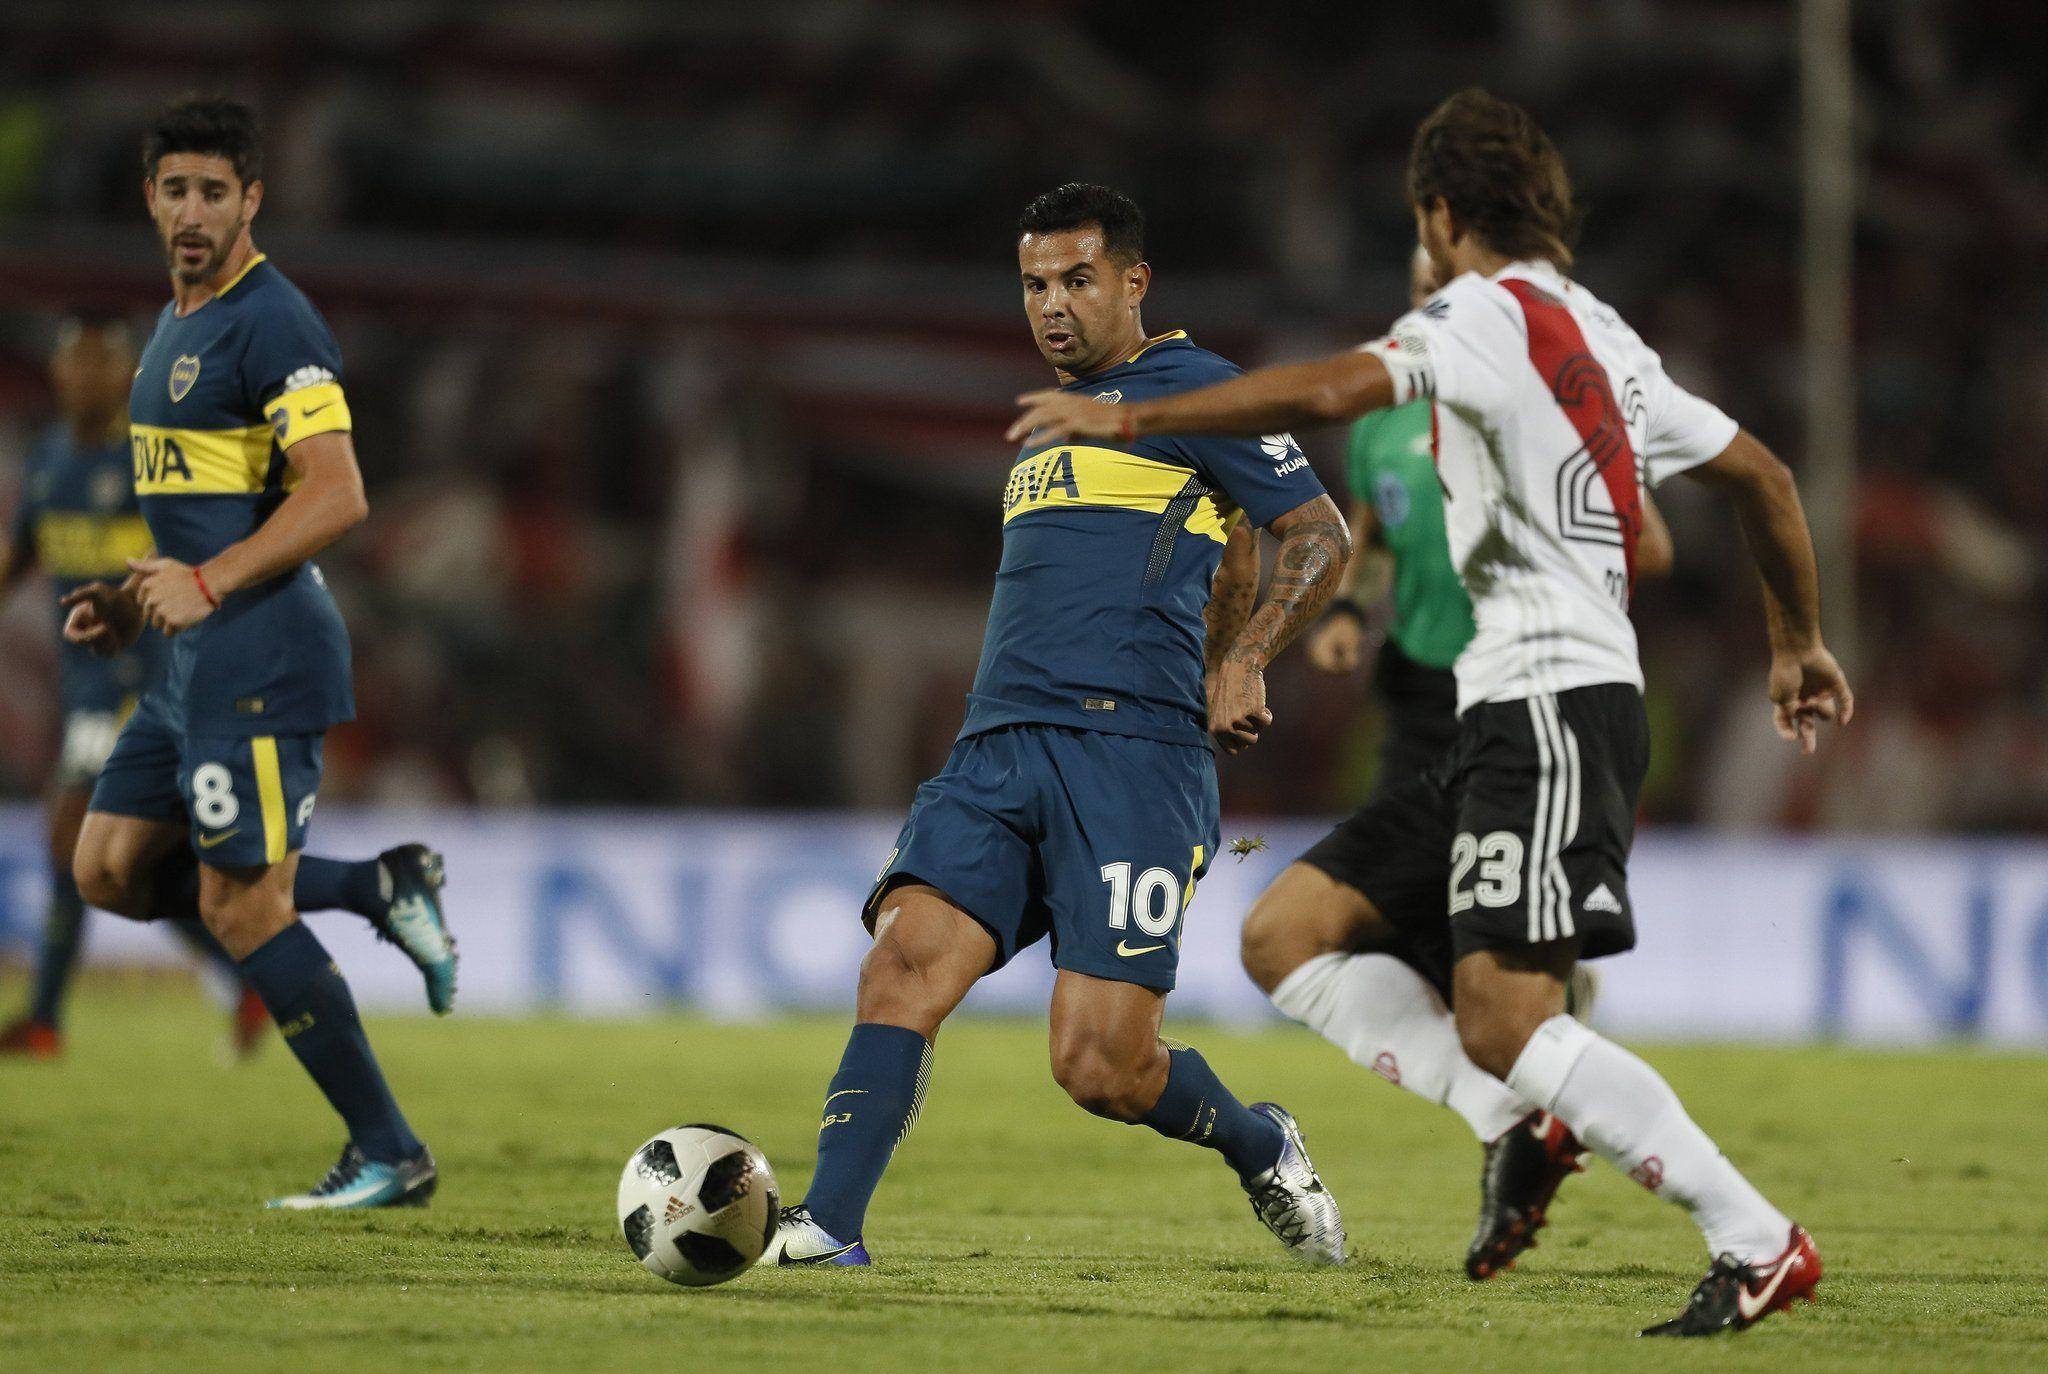 Boca y River juegan la final de la Supercopa - Crédito: @BocaJrsOficial